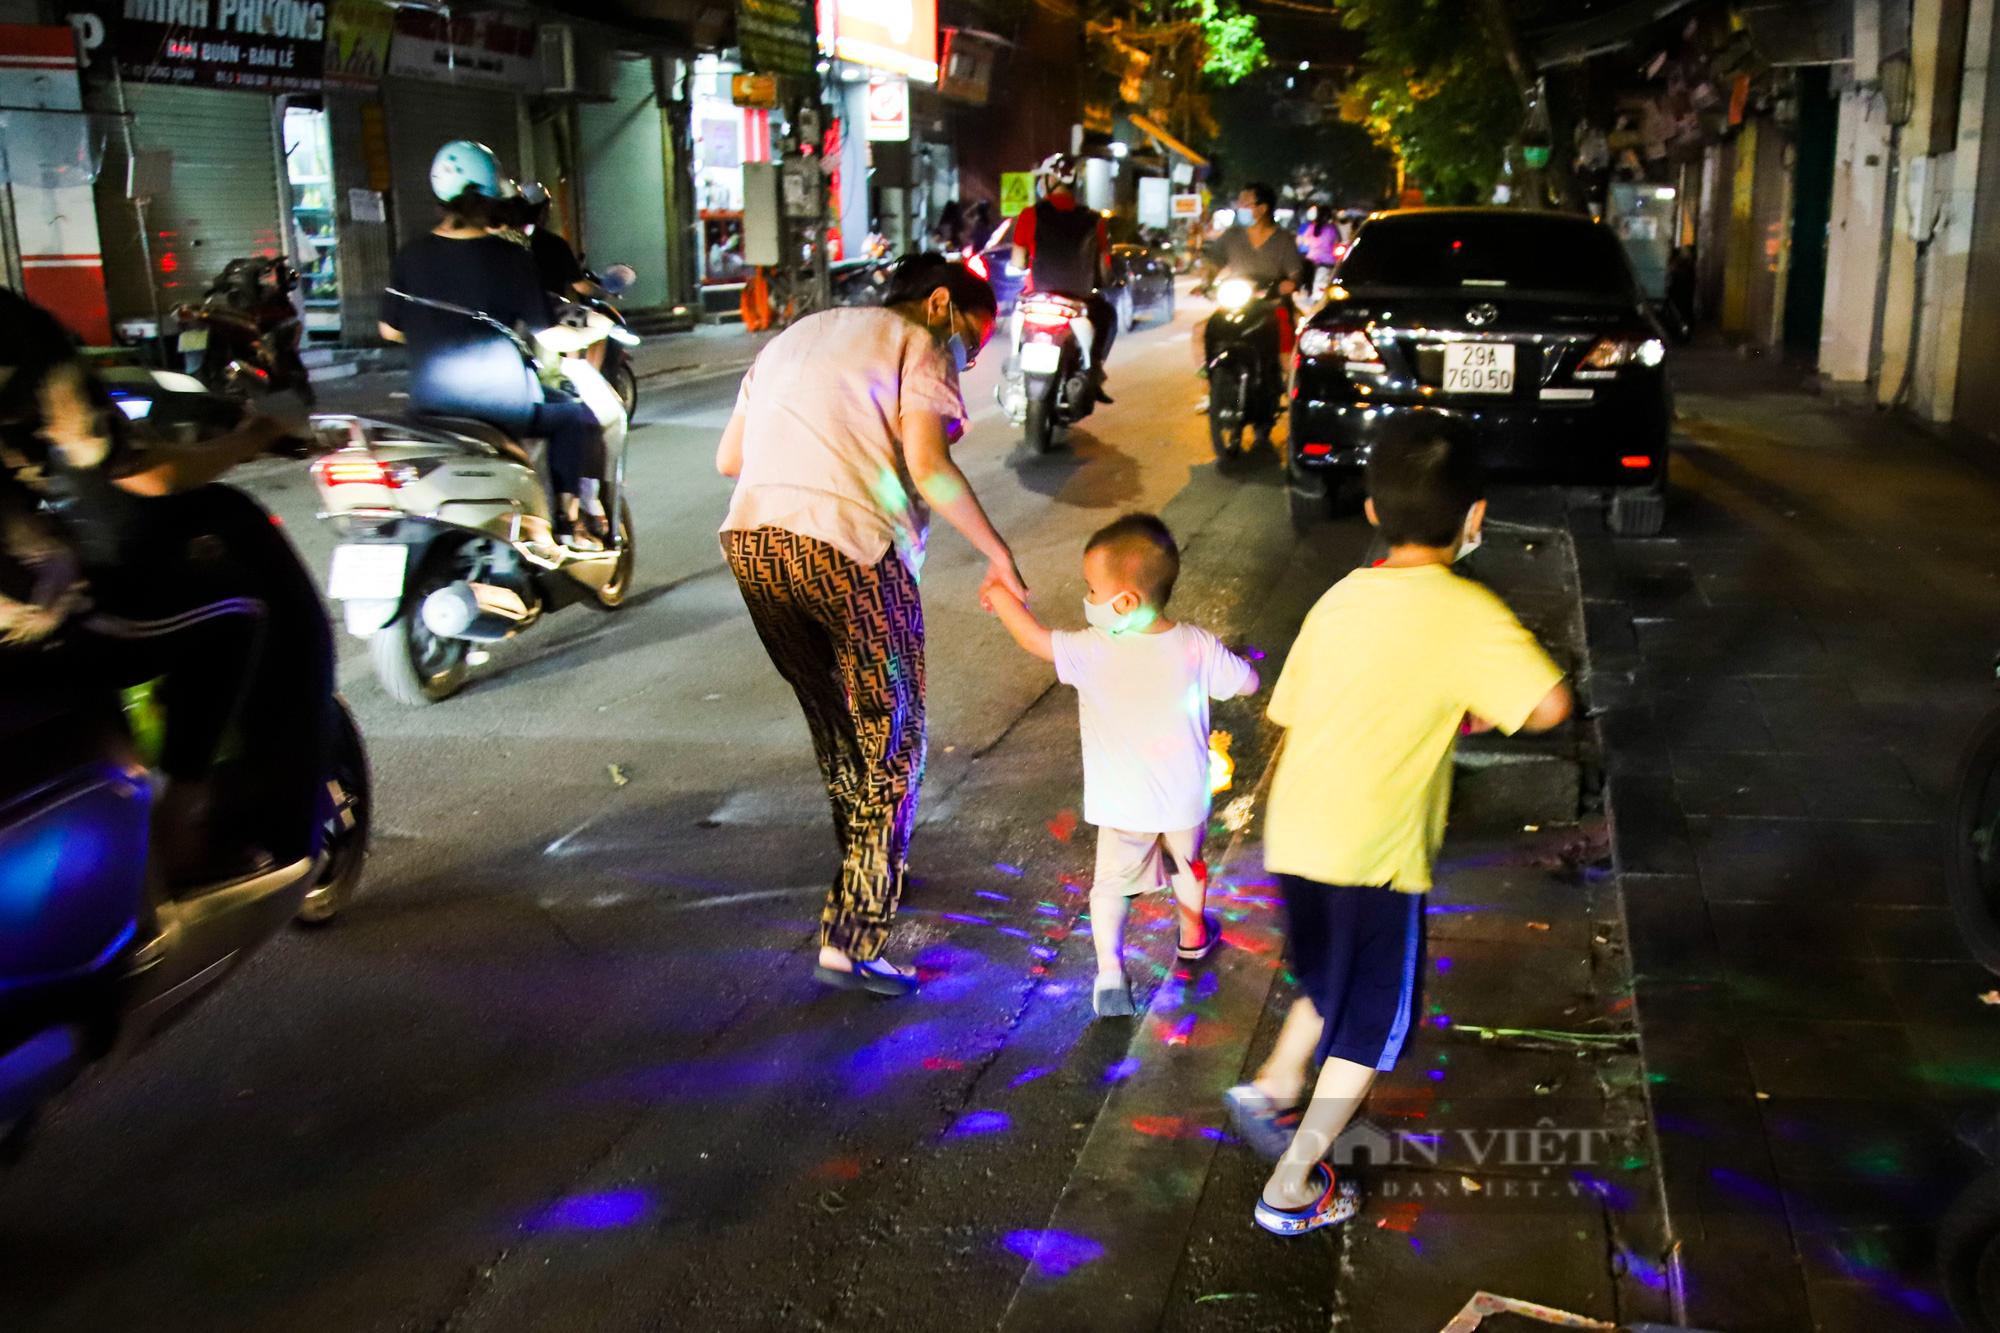 Ngày giãn cách cuối cùng, người dân rủ nhau lên phố cổ dạo chơi đêm trung thu - Ảnh 7.